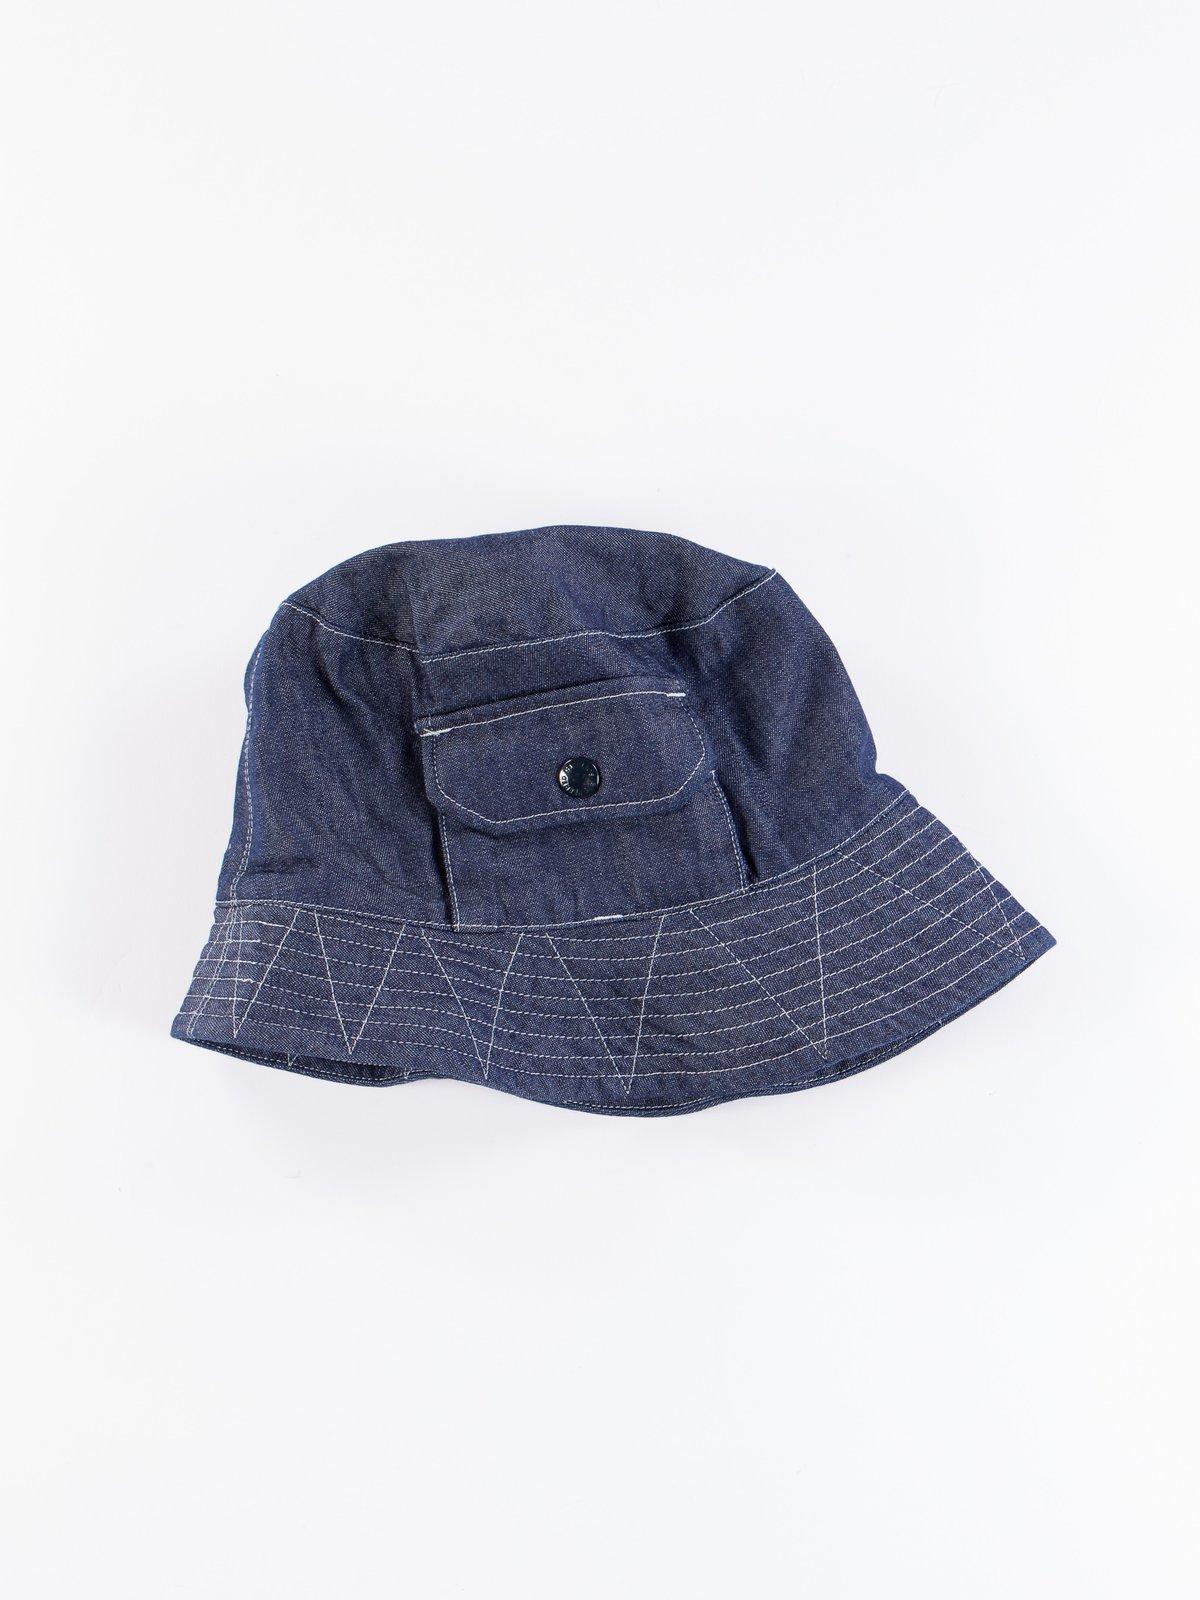 Indigo 8oz Cone Denim Explorer Hat - Image 2